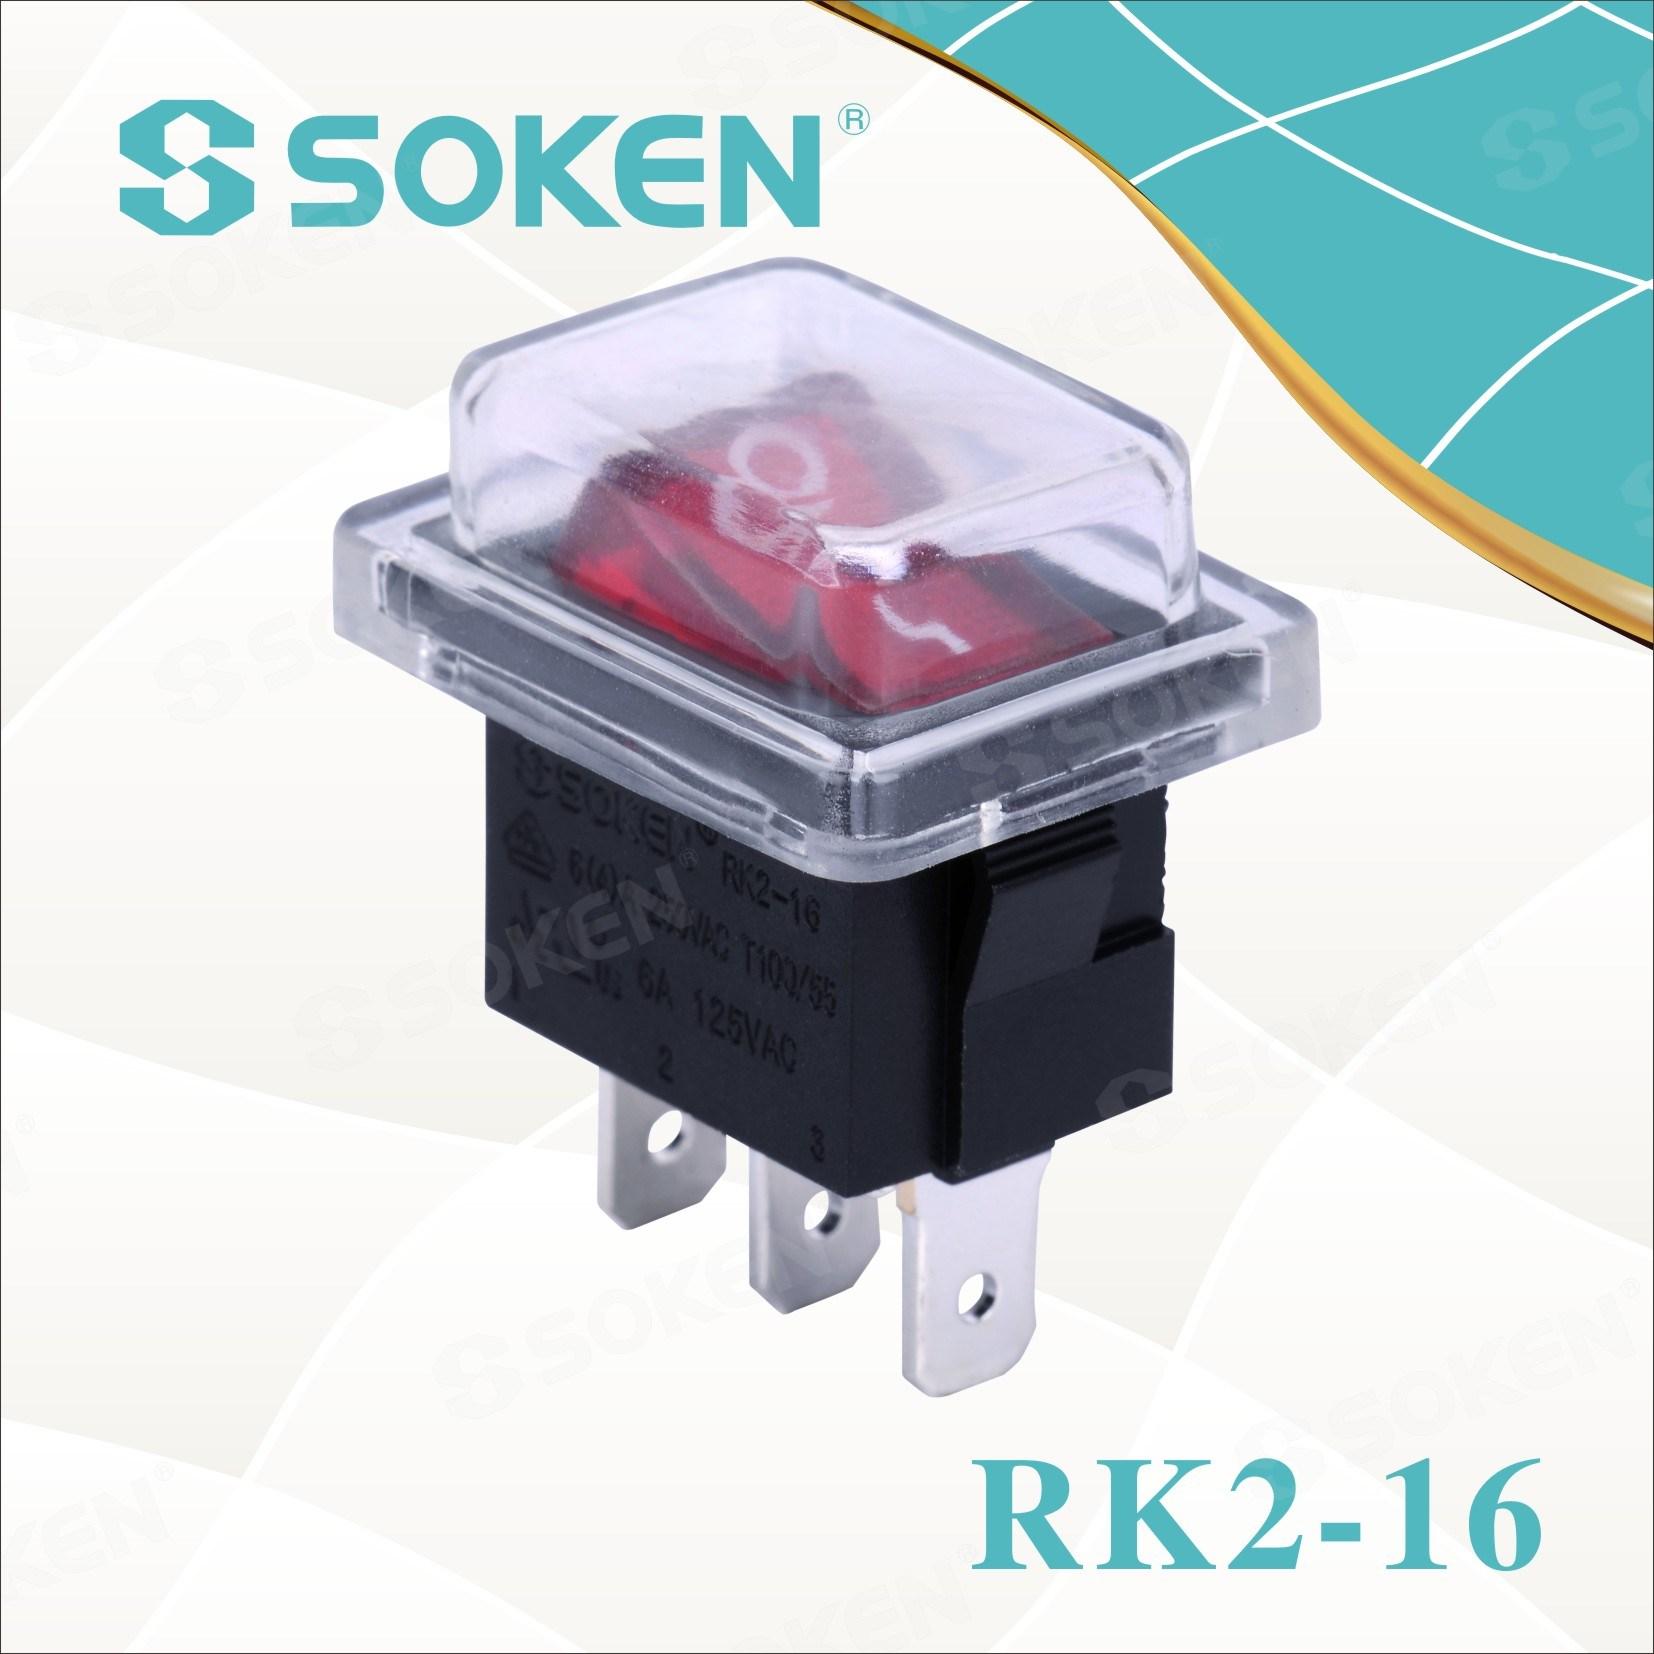 Sokne Rk2-16 1X1n Waterproof on off Rocker Switch